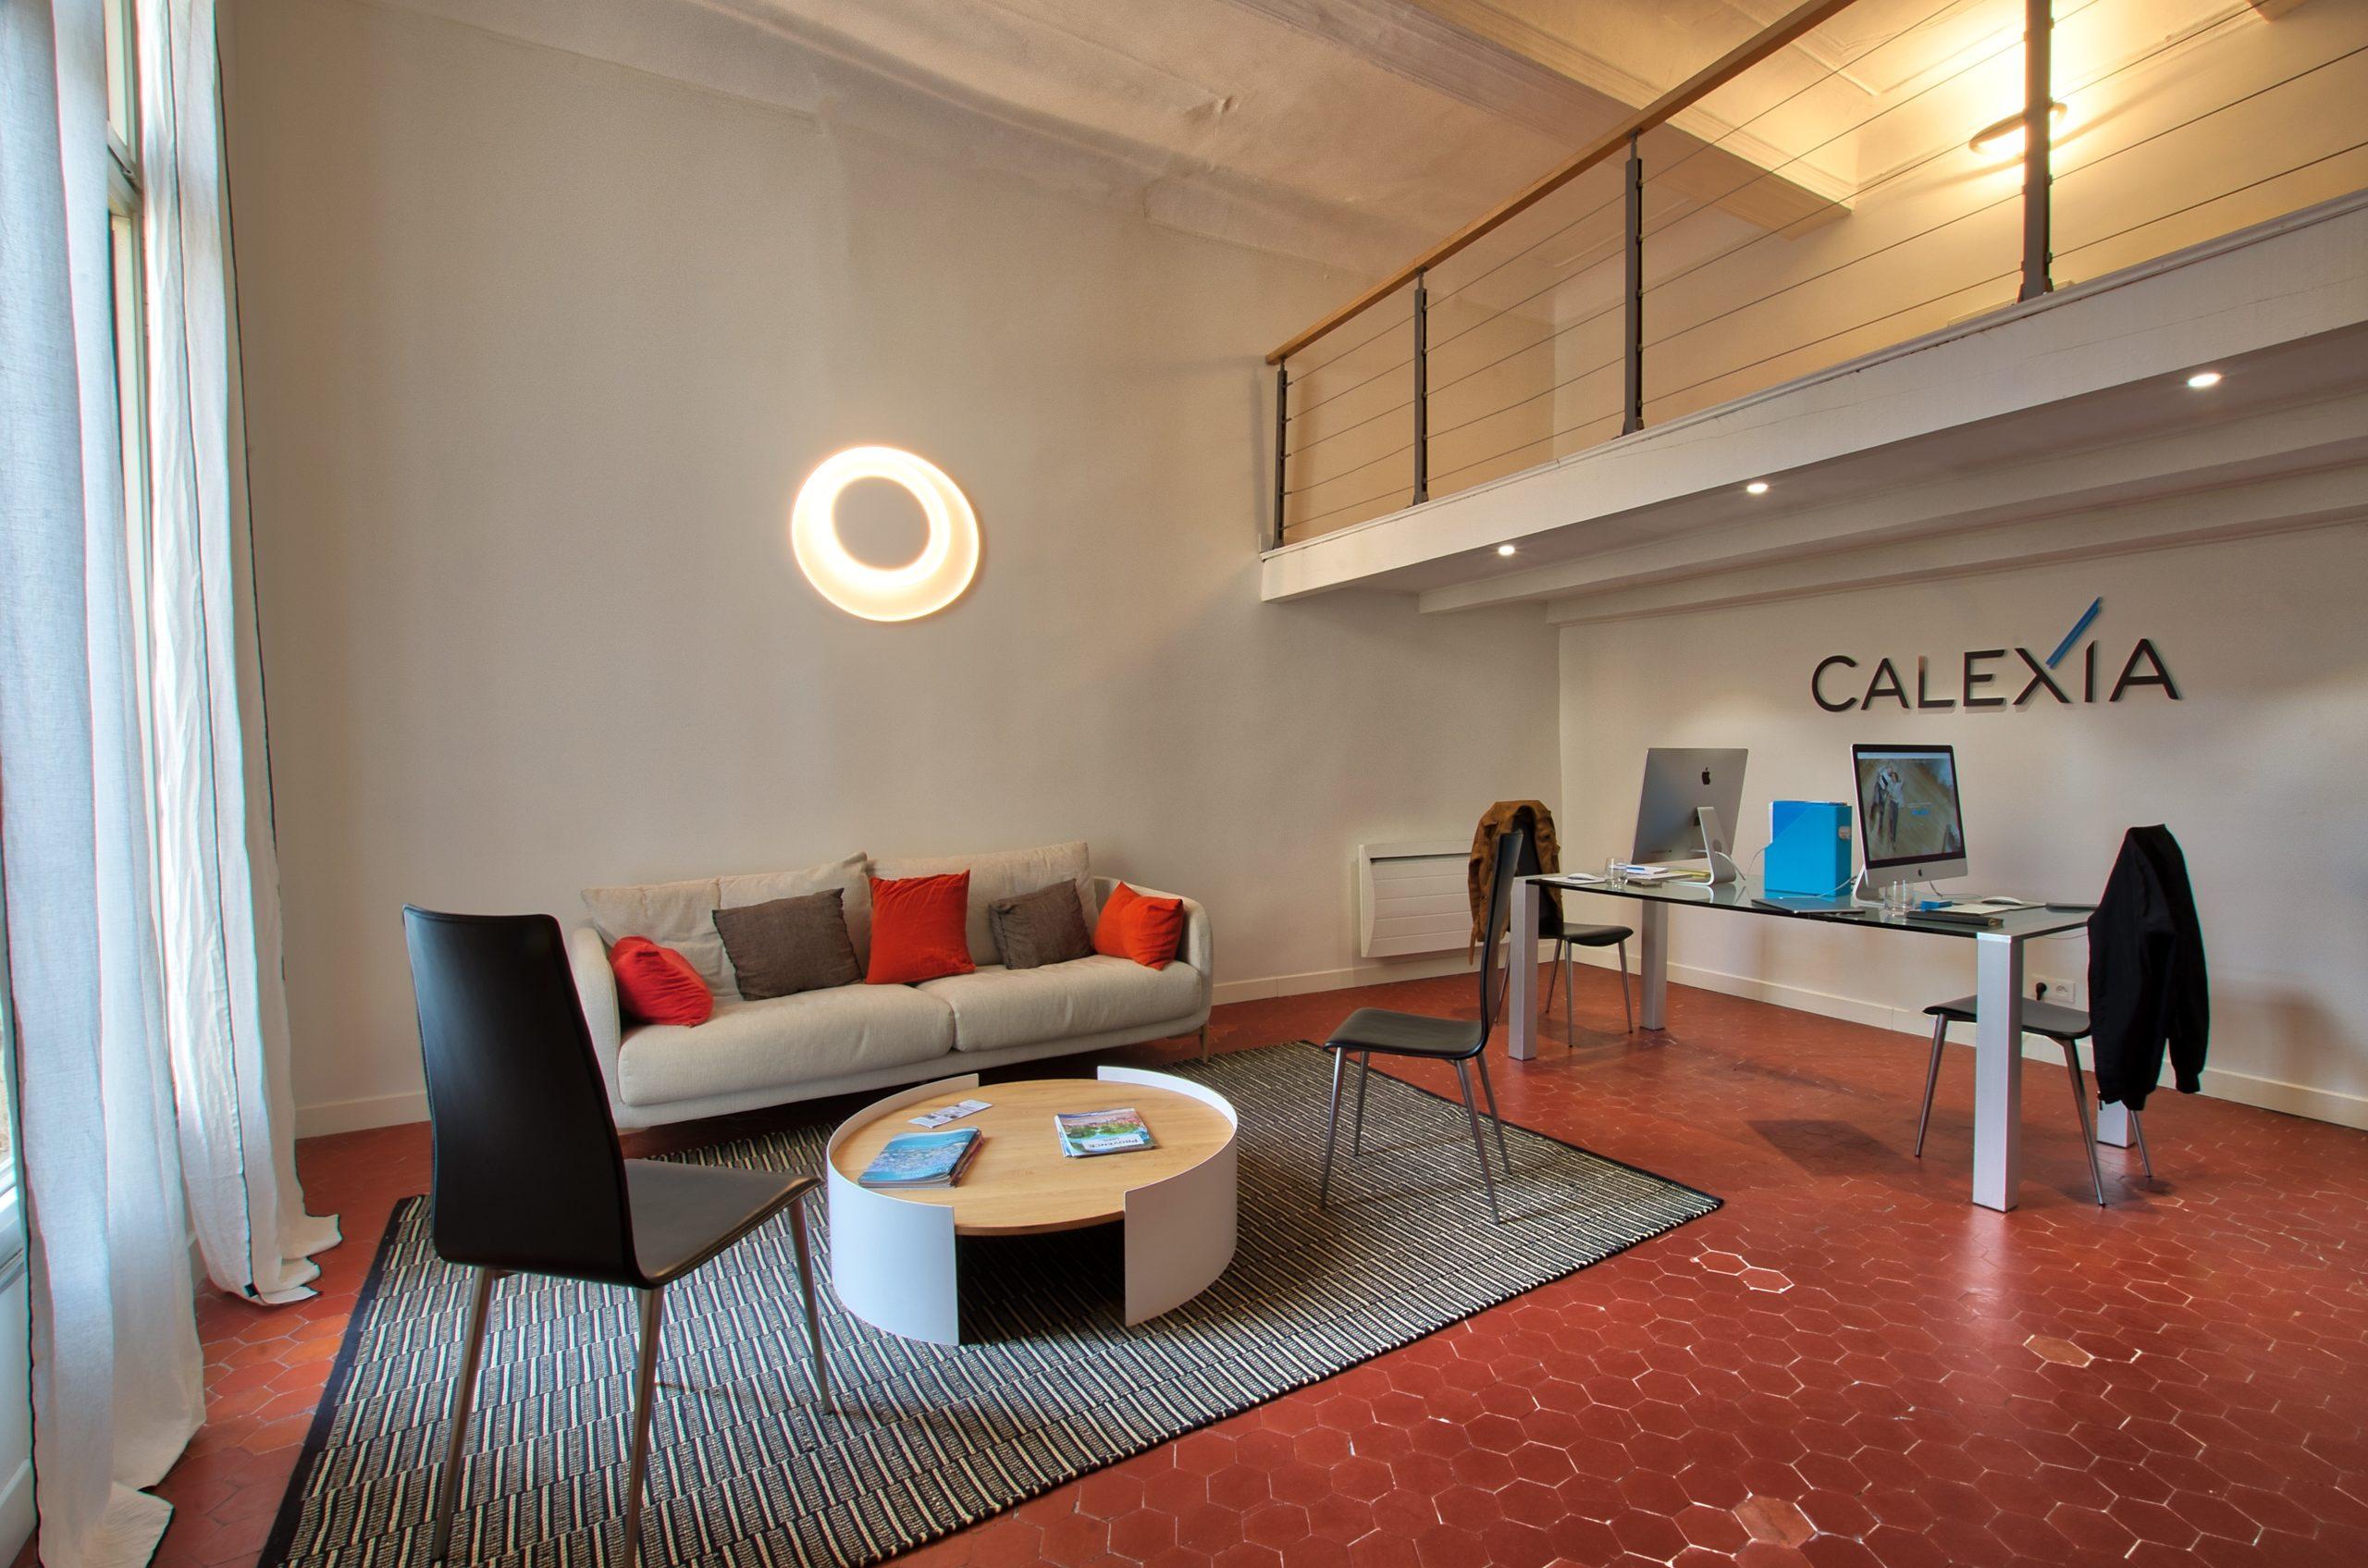 bureau Calexia - Agence immobilière Aix-en-Provence